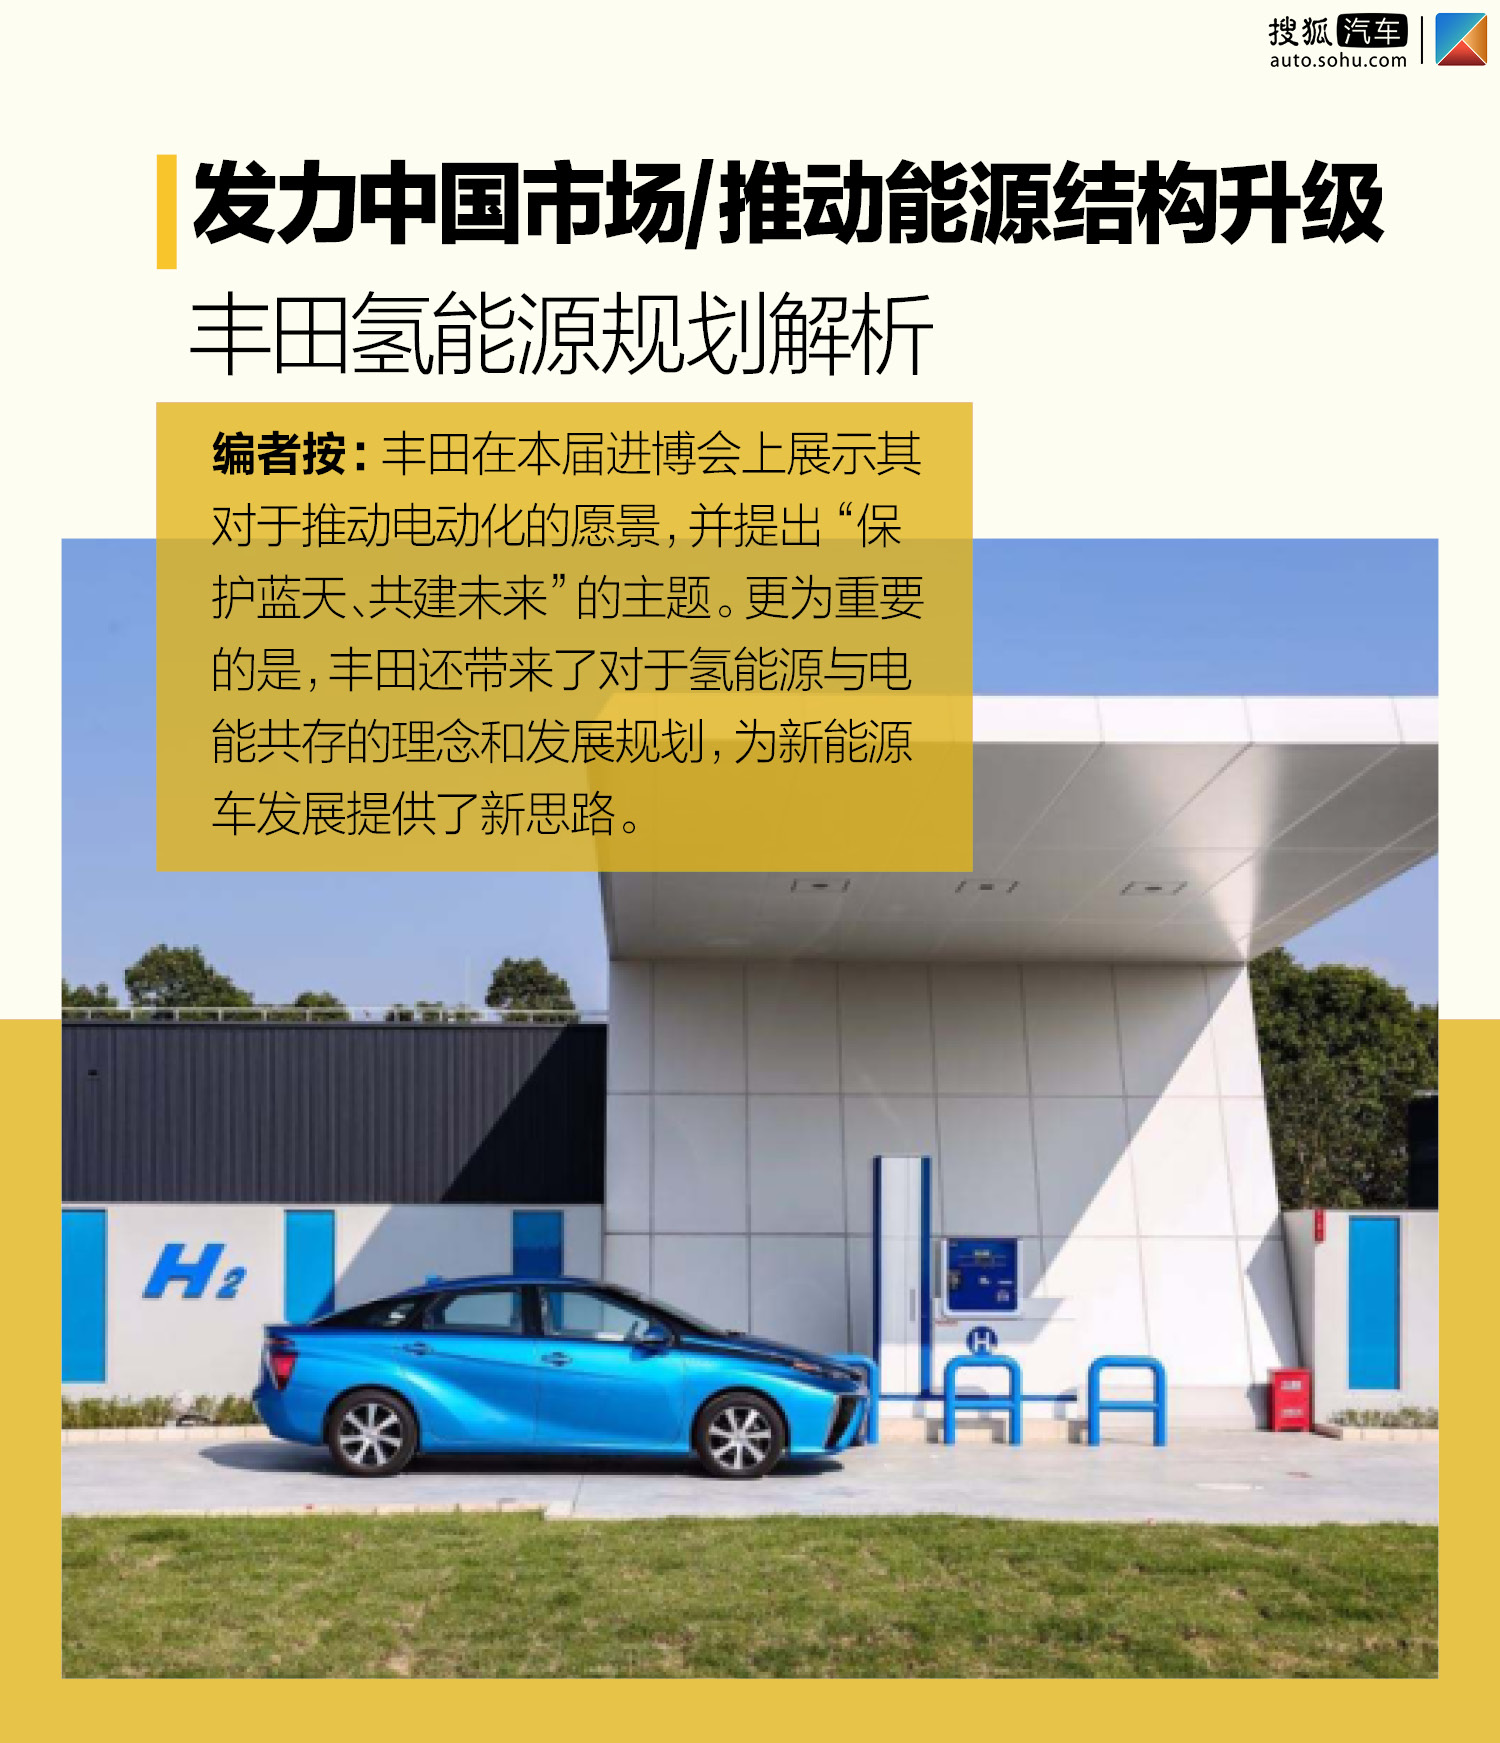 发力中国市场/推动能源结构升级 丰田氢能源规划解析(第1页) -